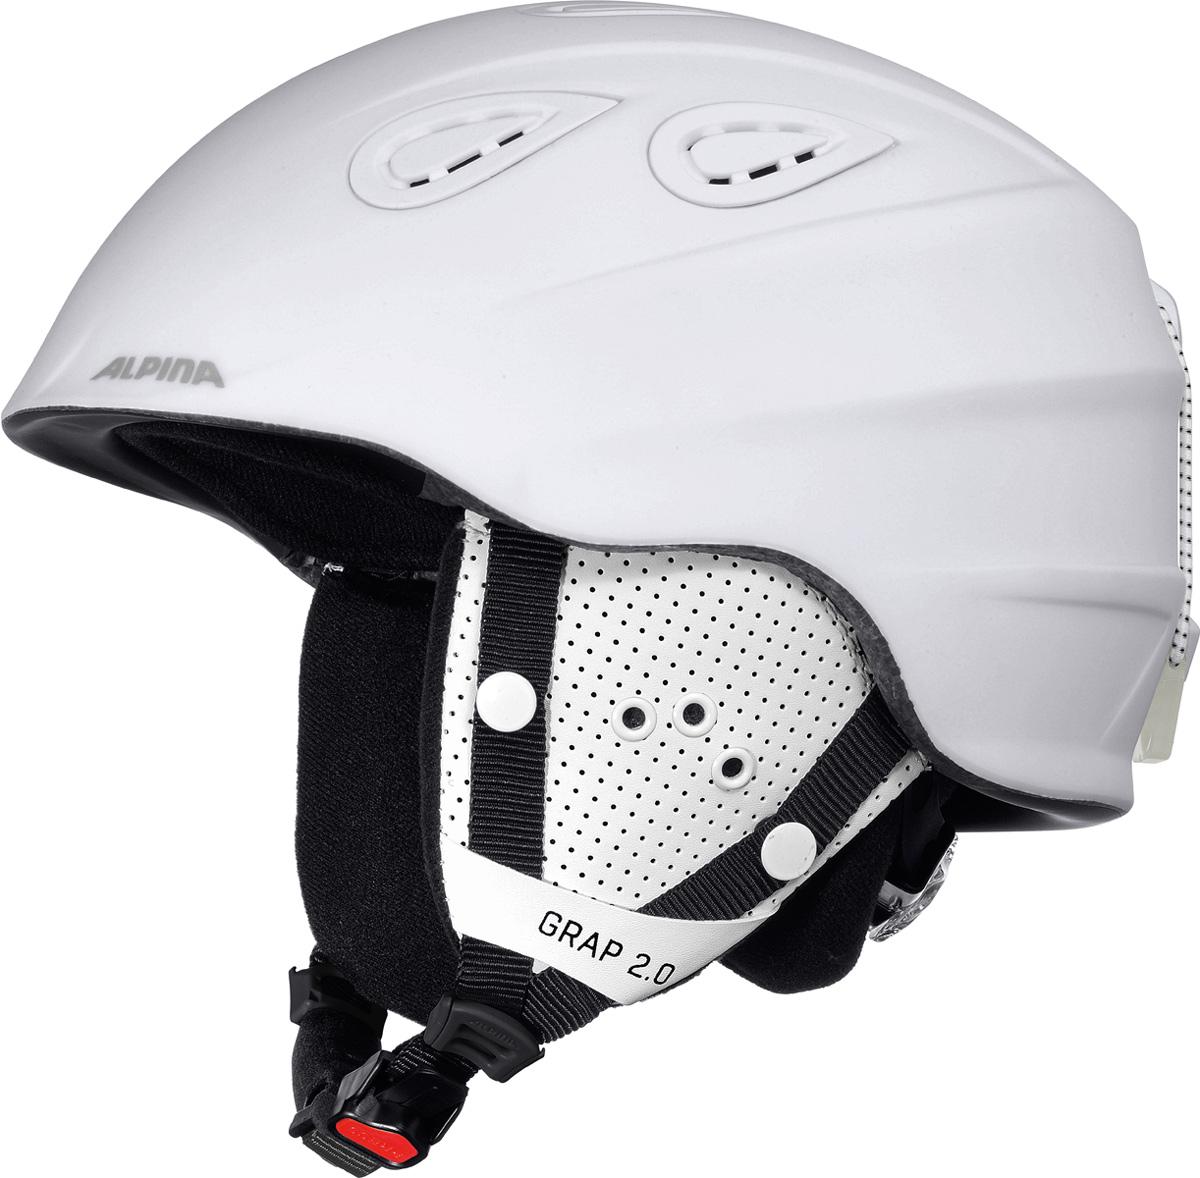 """Шлем горнолыжный Alpina """"Grap 2.0"""", цвет: белый. A9085_12. Размер 54-57"""